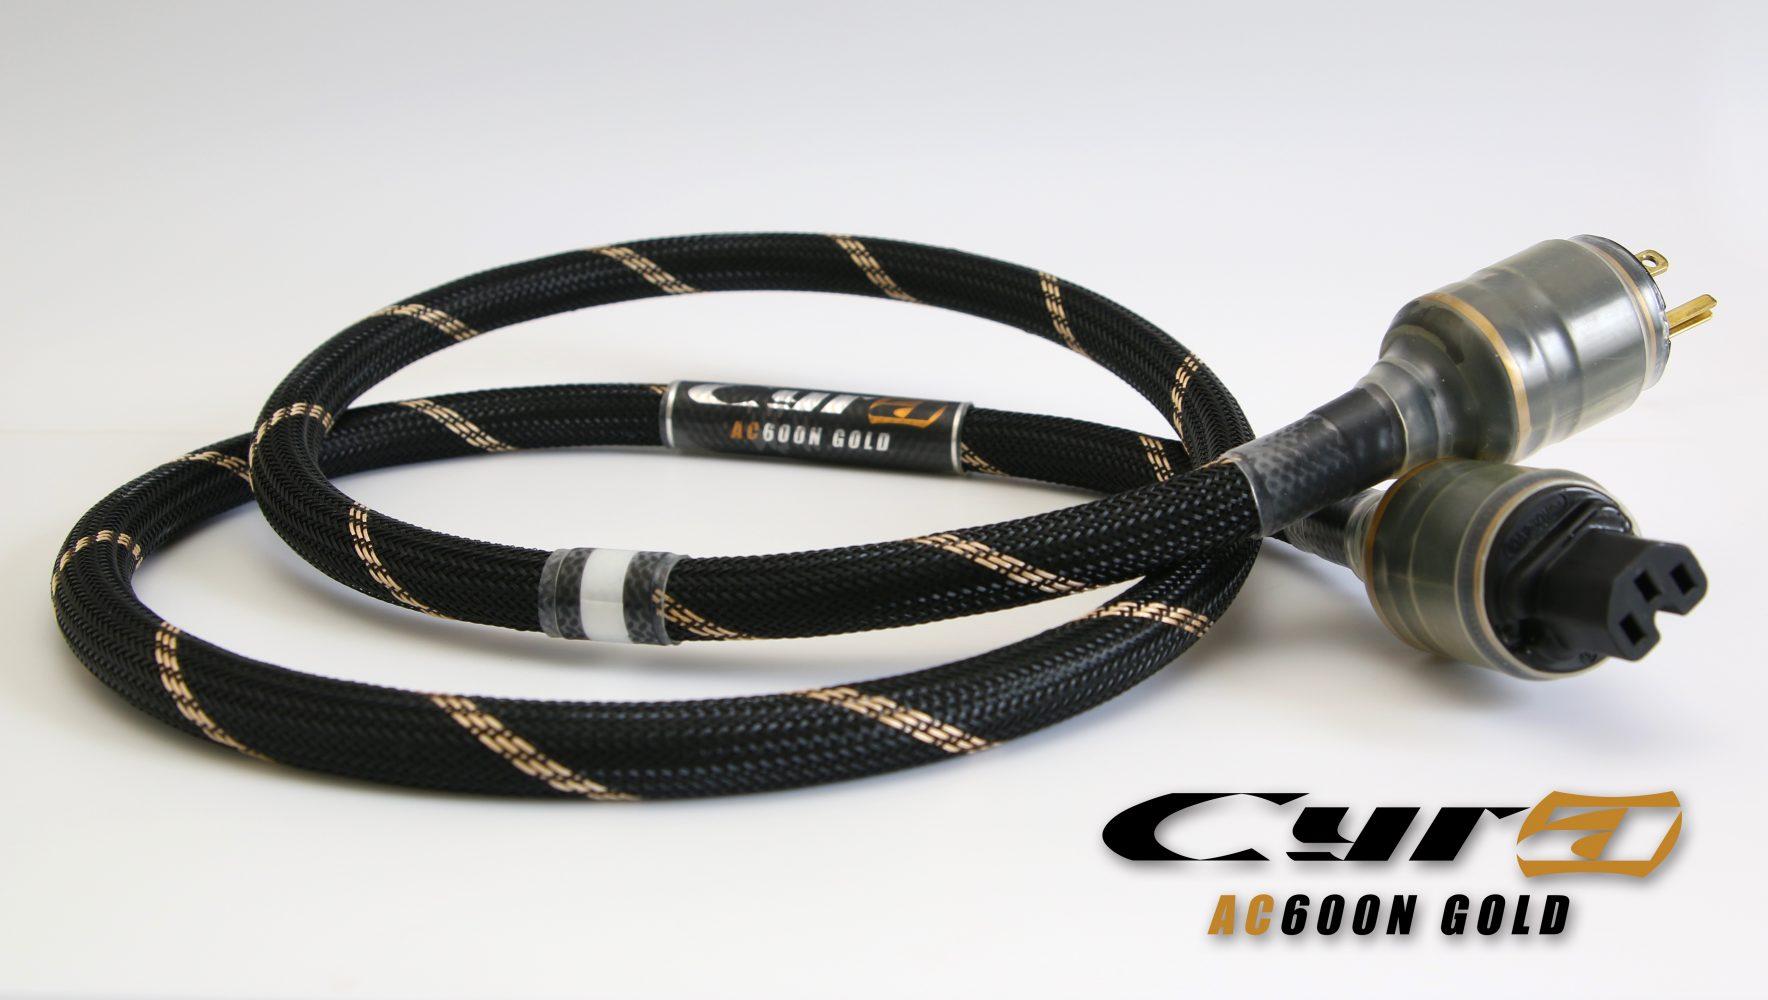 AC 600 N